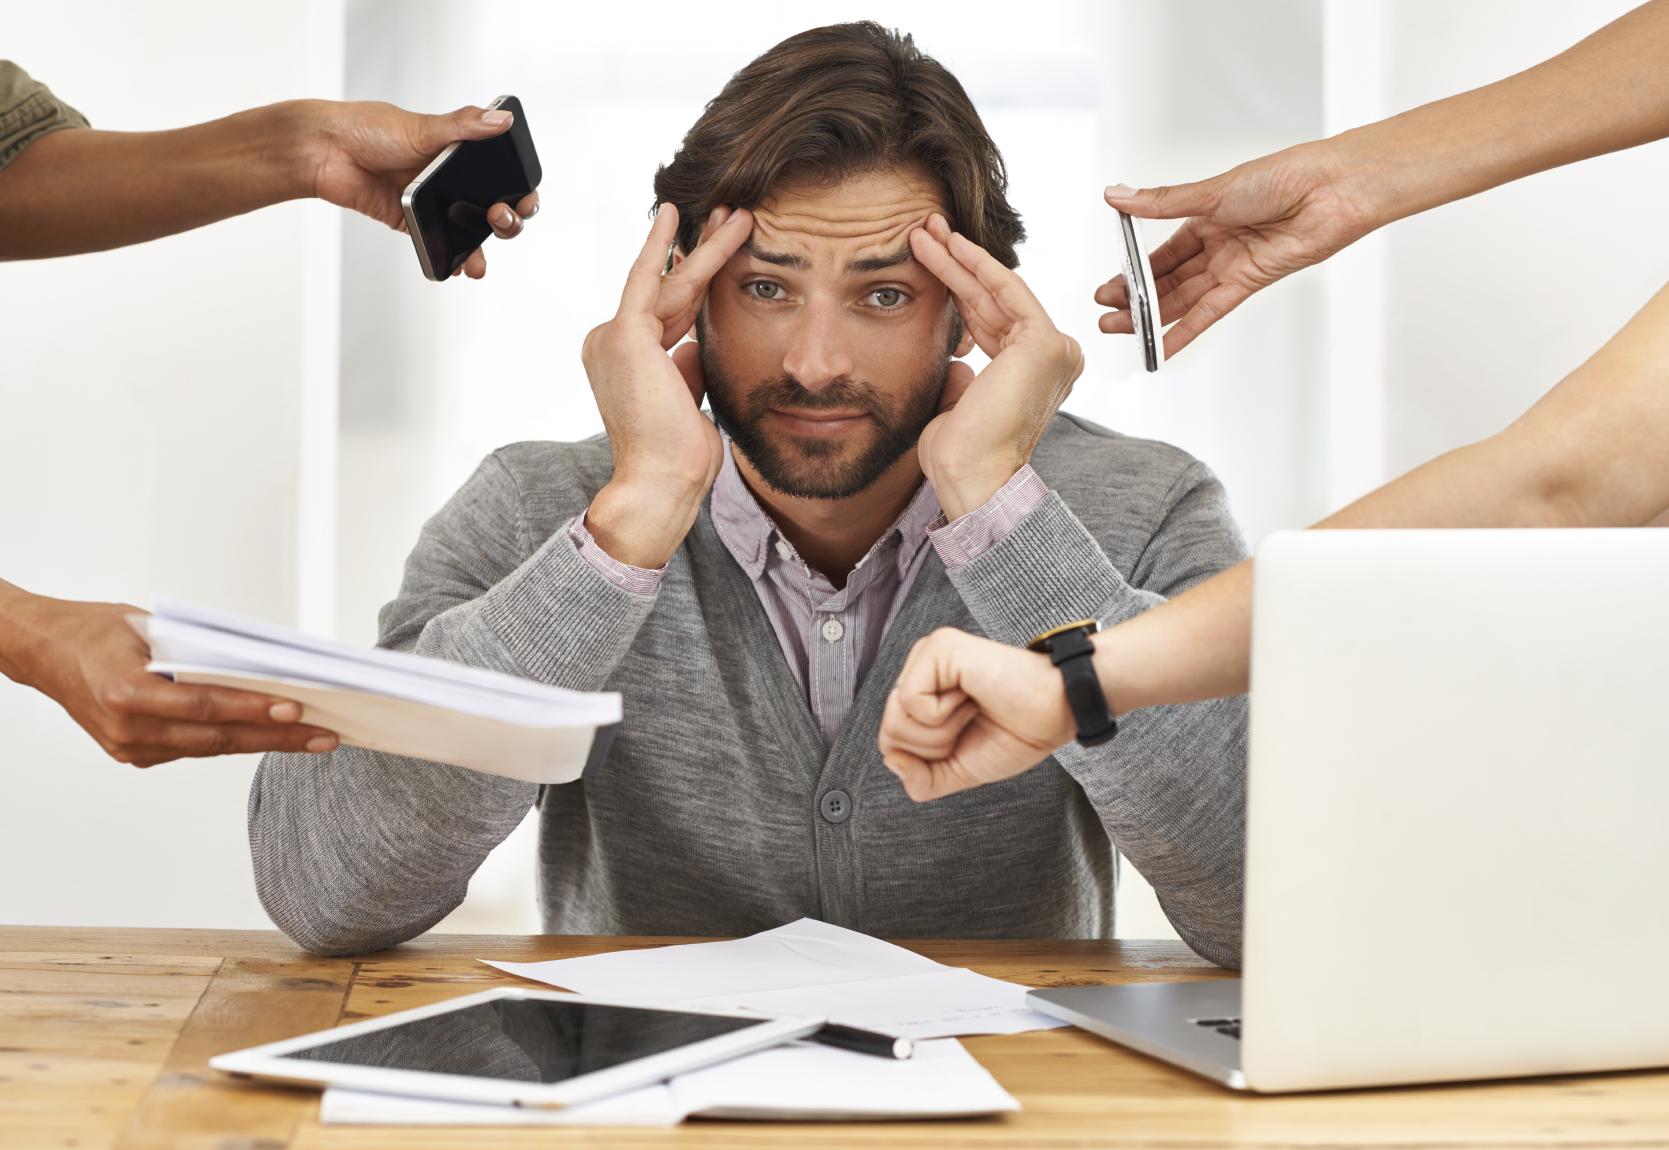 Preocupado com os sintomas do Stress? Cuide da sua saúde!